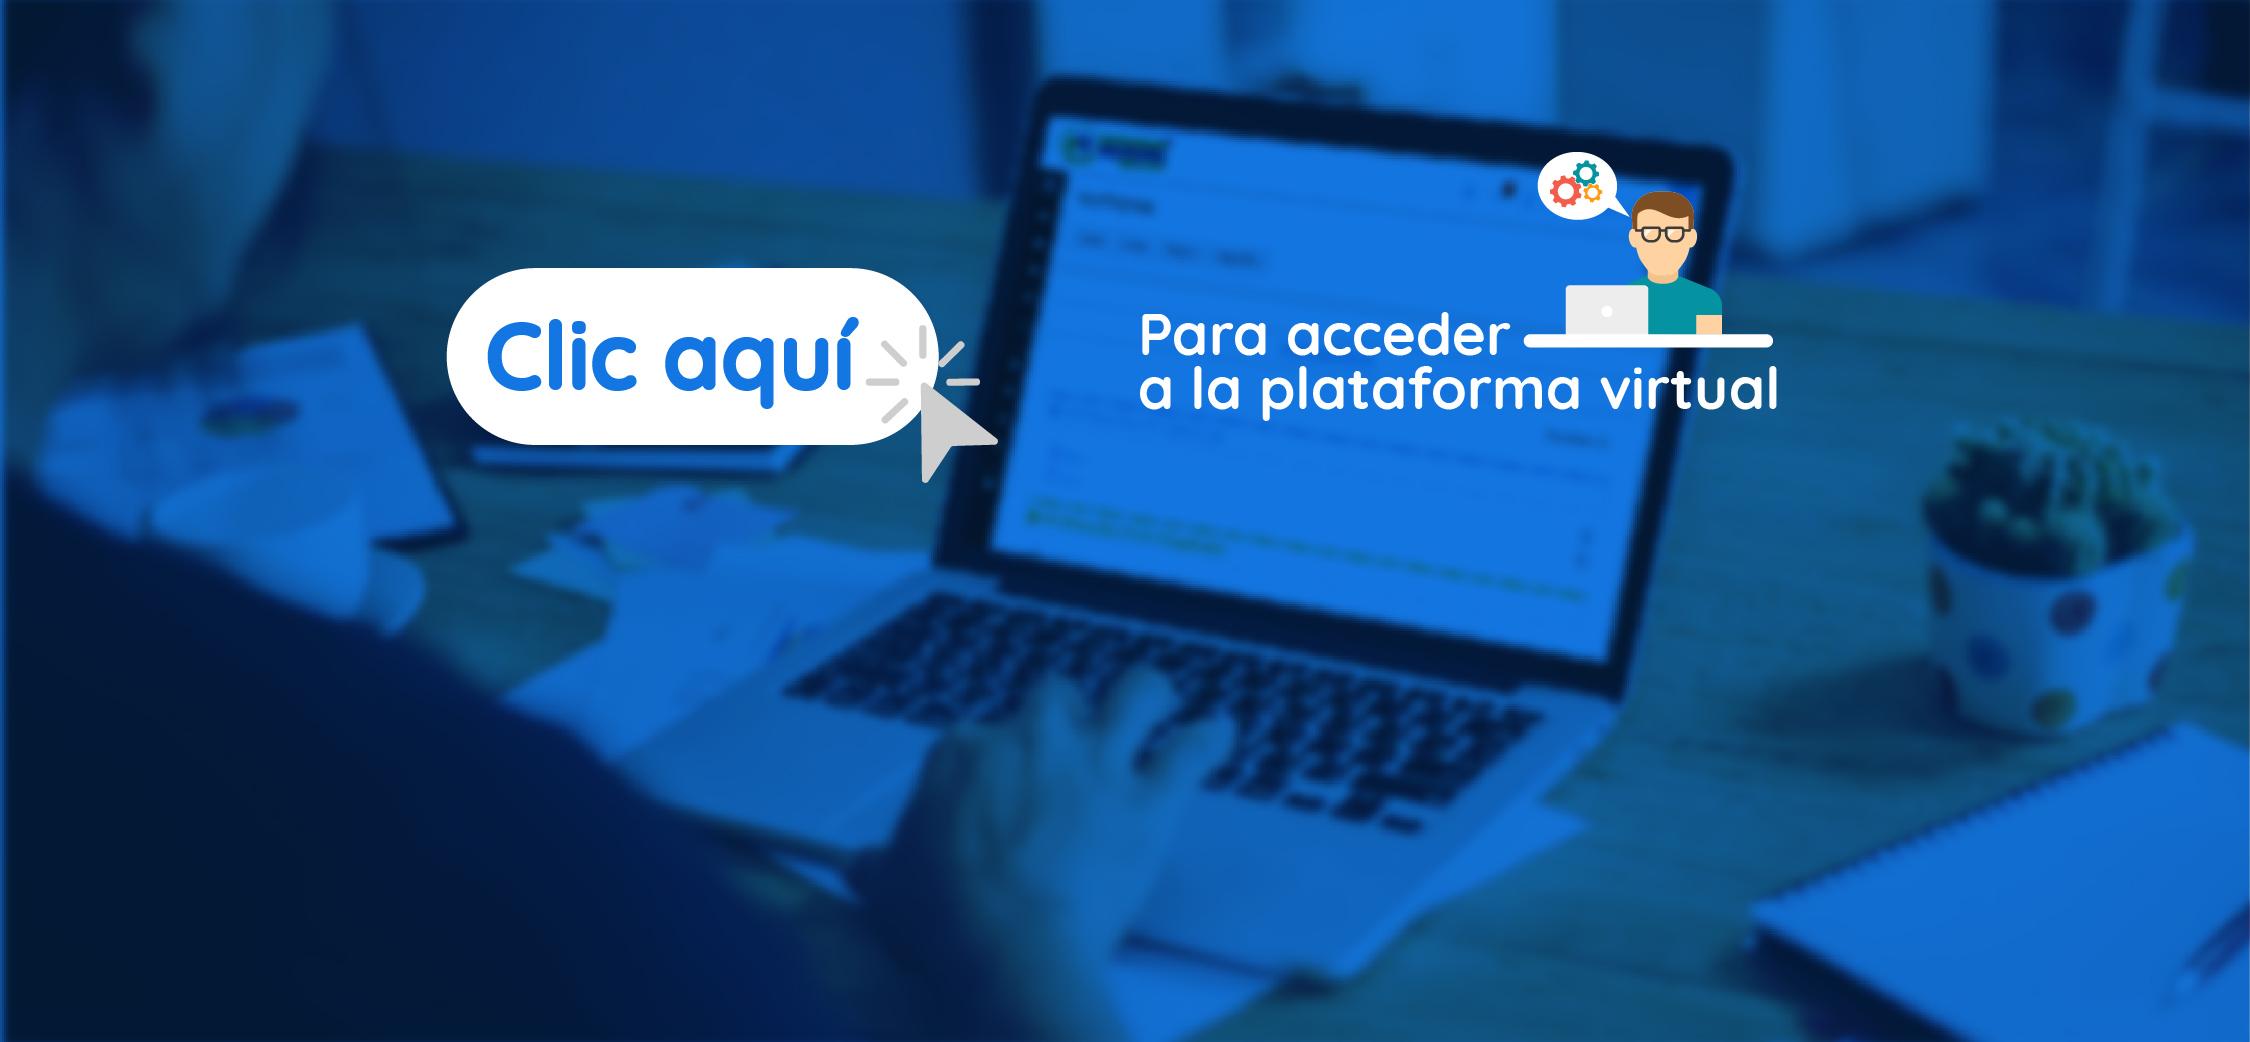 accede_a_la_plataforma_virtual-01